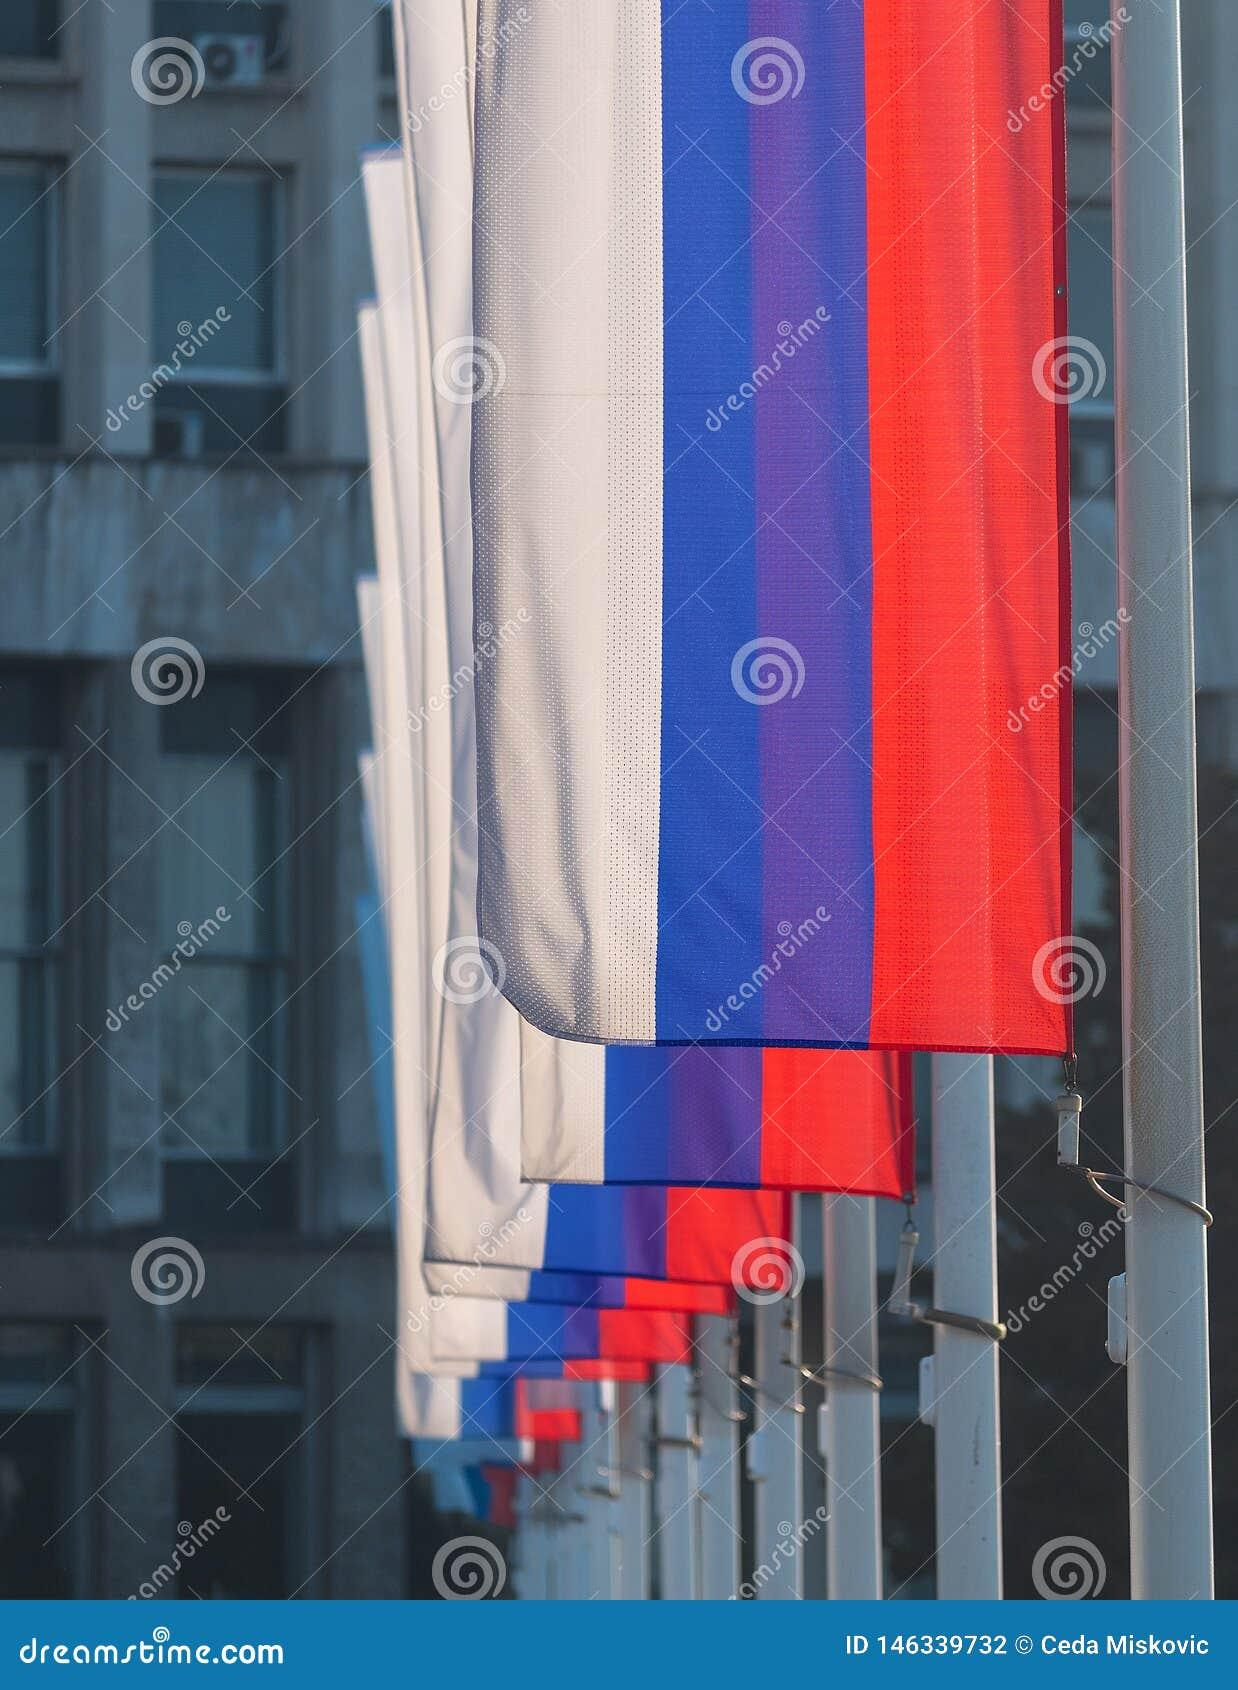 Rij van nationale, patriottische, rode, blauwe en witte gekleurde Servische vlaggen